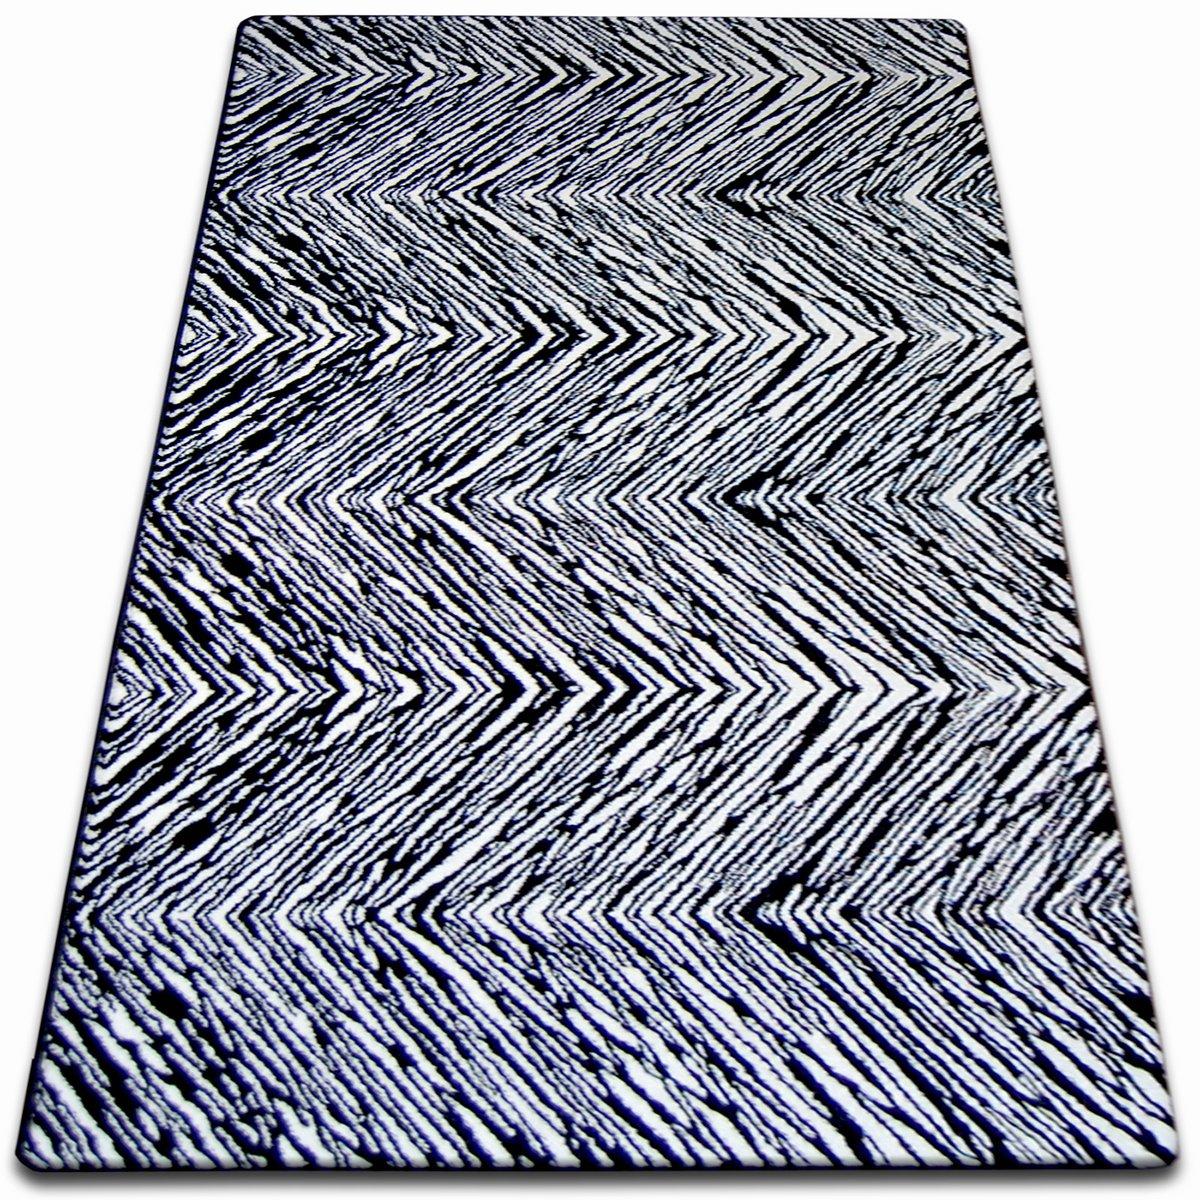 6 Größen modern flexible carpet sketch f132 black and white striped stripes striped